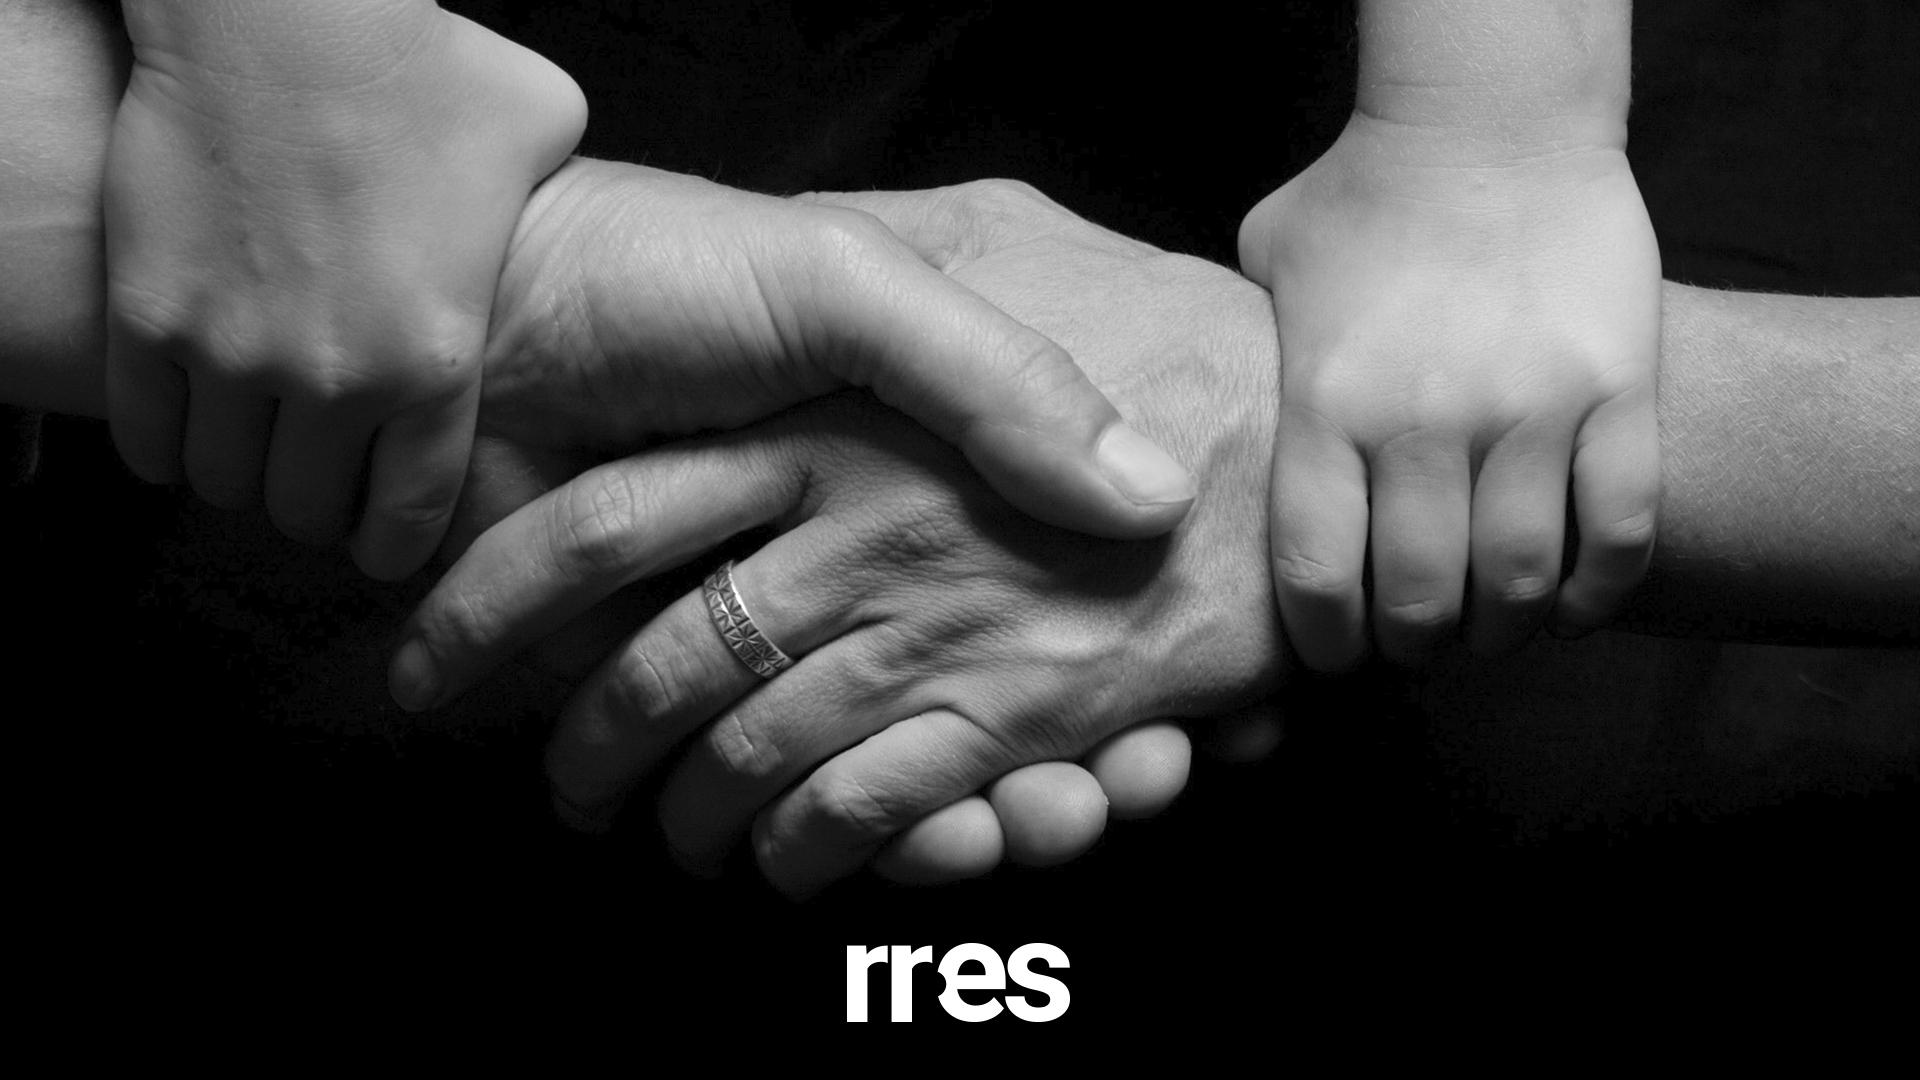 La cuarentena: una oportunidad para fortalecer lazos con los hijos